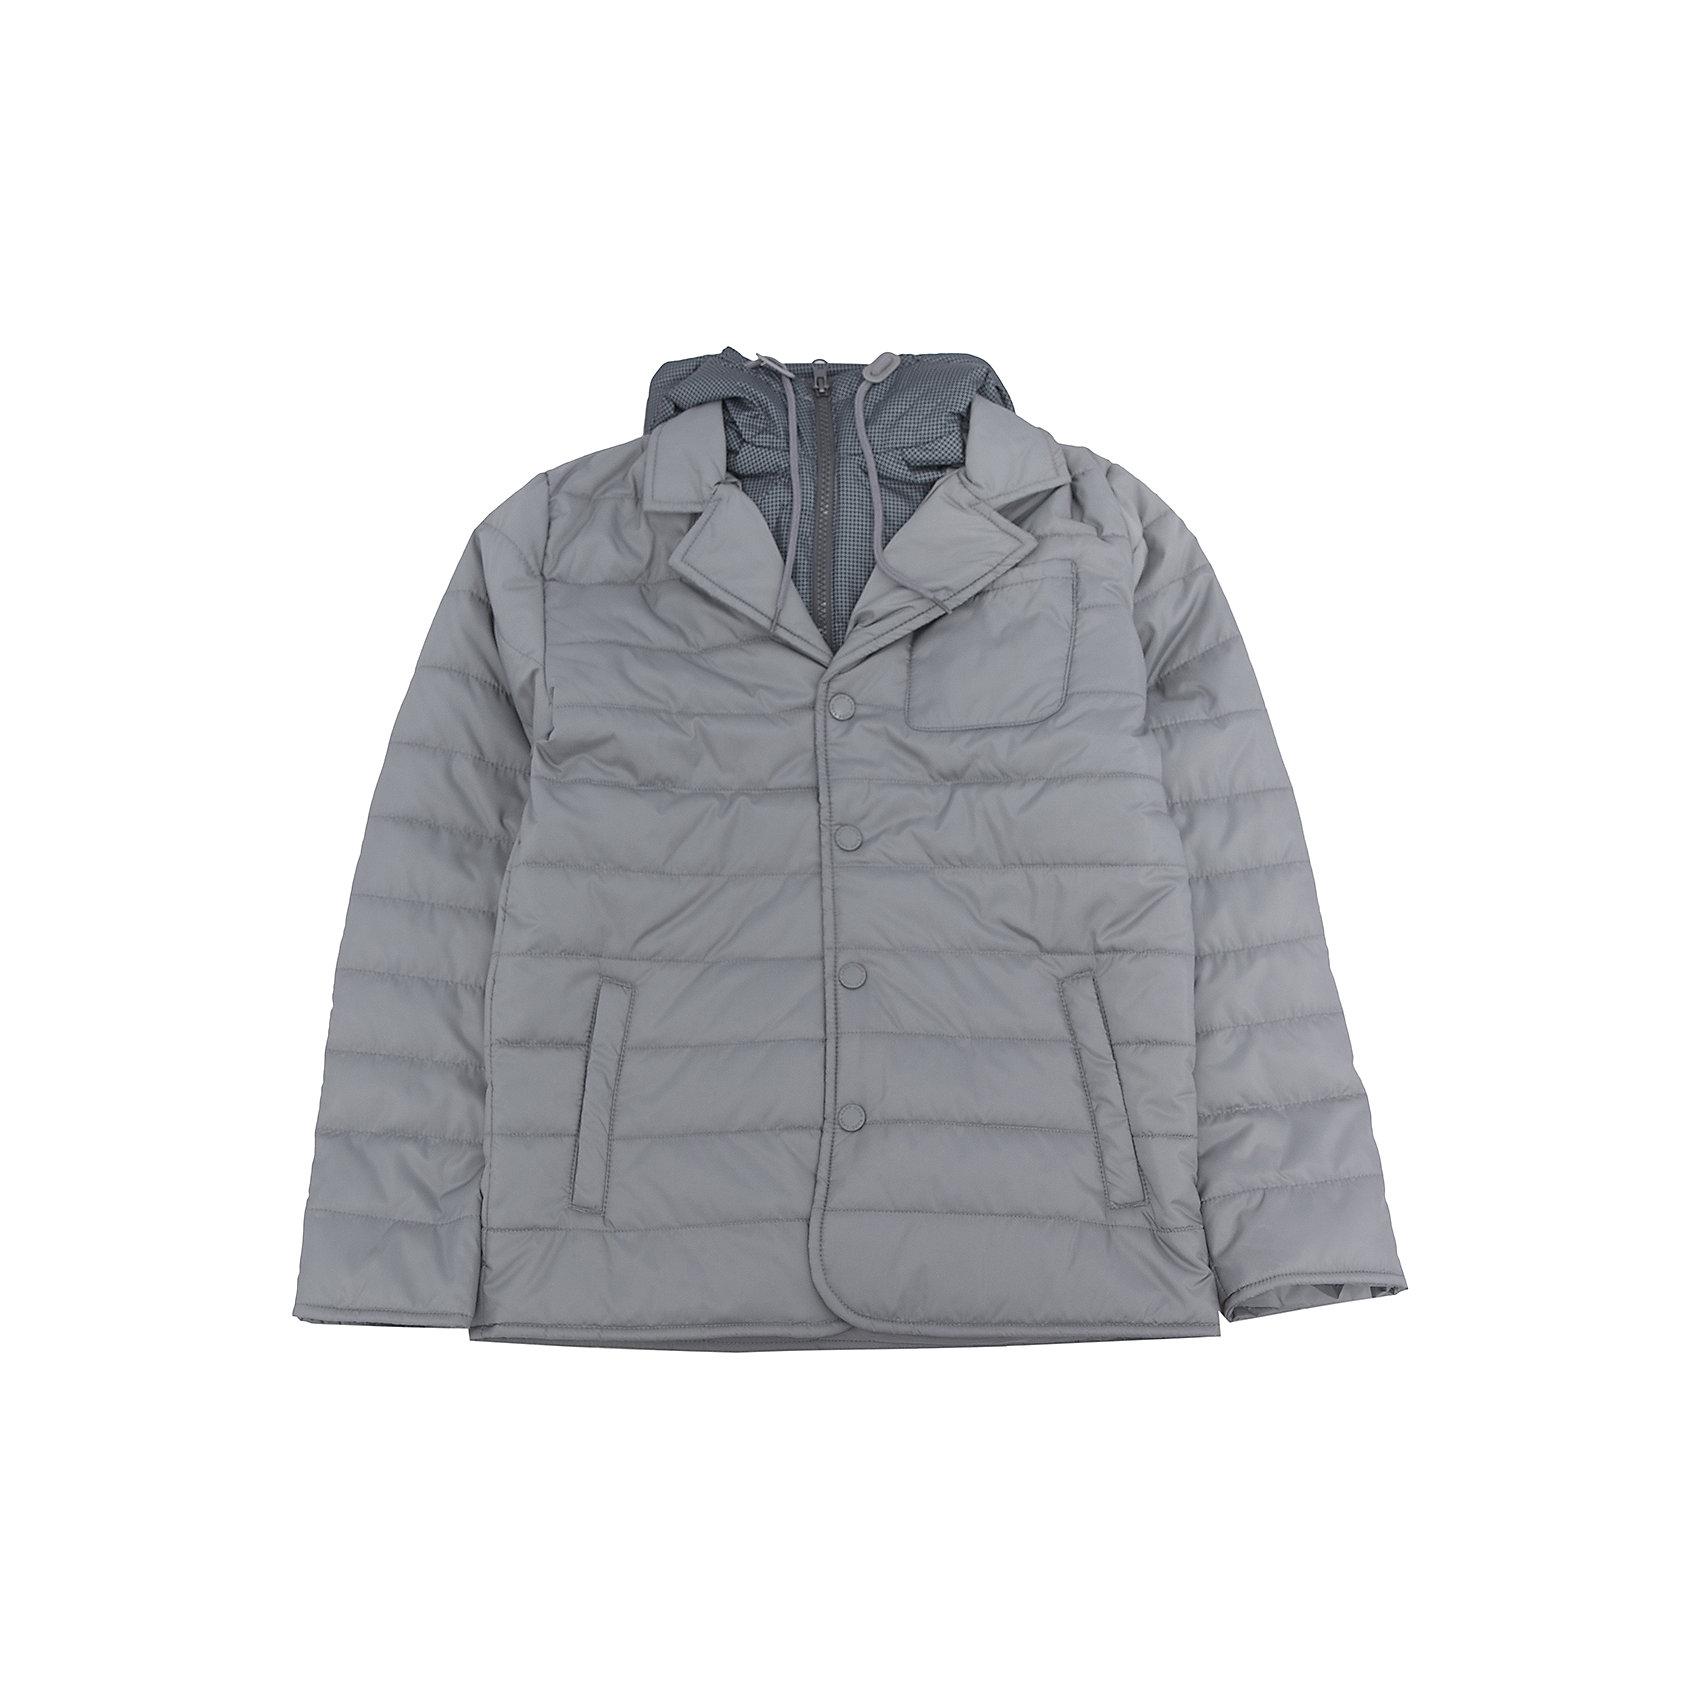 Куртка для мальчика SELAВерхняя одежда<br>Характеристики:<br><br>• Вид детской и подростковой одежды: куртка<br>• Пол: для мальчика<br>• Предназначение: повседневная<br>• Сезон: демисезон<br>• Температурный режим: до -5? С<br>• Тематика рисунка: без рисунка<br>• Цвет: серый<br>• Материал: полиэстер 100%, утеплитель – полиэстер, 100%<br>• Силуэт: прямой<br>• Длина куртки: до середины бедра<br>• Капюшон: притачной, с карабинами и молнией<br>• Воротник: отложной, пиджачного типа<br>• Застежка: пуговицы, спереди<br>• Спереди имеются карманы <br>• Особенности ухода: допускается щадящая стирка и химчистка<br><br>Куртка для мальчика SELA из коллекции детской и подростковой одежды от знаменитого торгового бренда, который производит удобную, комфортную и стильную одежду, предназначенную как для будней, так и для праздников. Куртка выполнена из полиэстера, который обладает влагонепроницаемыми и ветрозащитными свойствами. Утеплитель и подклад обеспечивает поддержание комфортной температуры. Длина куртки – средняя, что защищает спину от продувания. Спереди имеется застежка на на пуговицах и карманы. Особый стилевой дизайн куртке придают отложной воротник пиджачного типа и капюшон контрастного цвета с застежкой молнией. Стеганая курточка выполнена в классическом сером цвете. <br><br>Куртку для мальчика SELA можно купить в нашем интернет-магазине.<br><br>Ширина мм: 356<br>Глубина мм: 10<br>Высота мм: 245<br>Вес г: 519<br>Цвет: серый<br>Возраст от месяцев: 84<br>Возраст до месяцев: 96<br>Пол: Мужской<br>Возраст: Детский<br>Размер: 128,140,152,116<br>SKU: 5305148